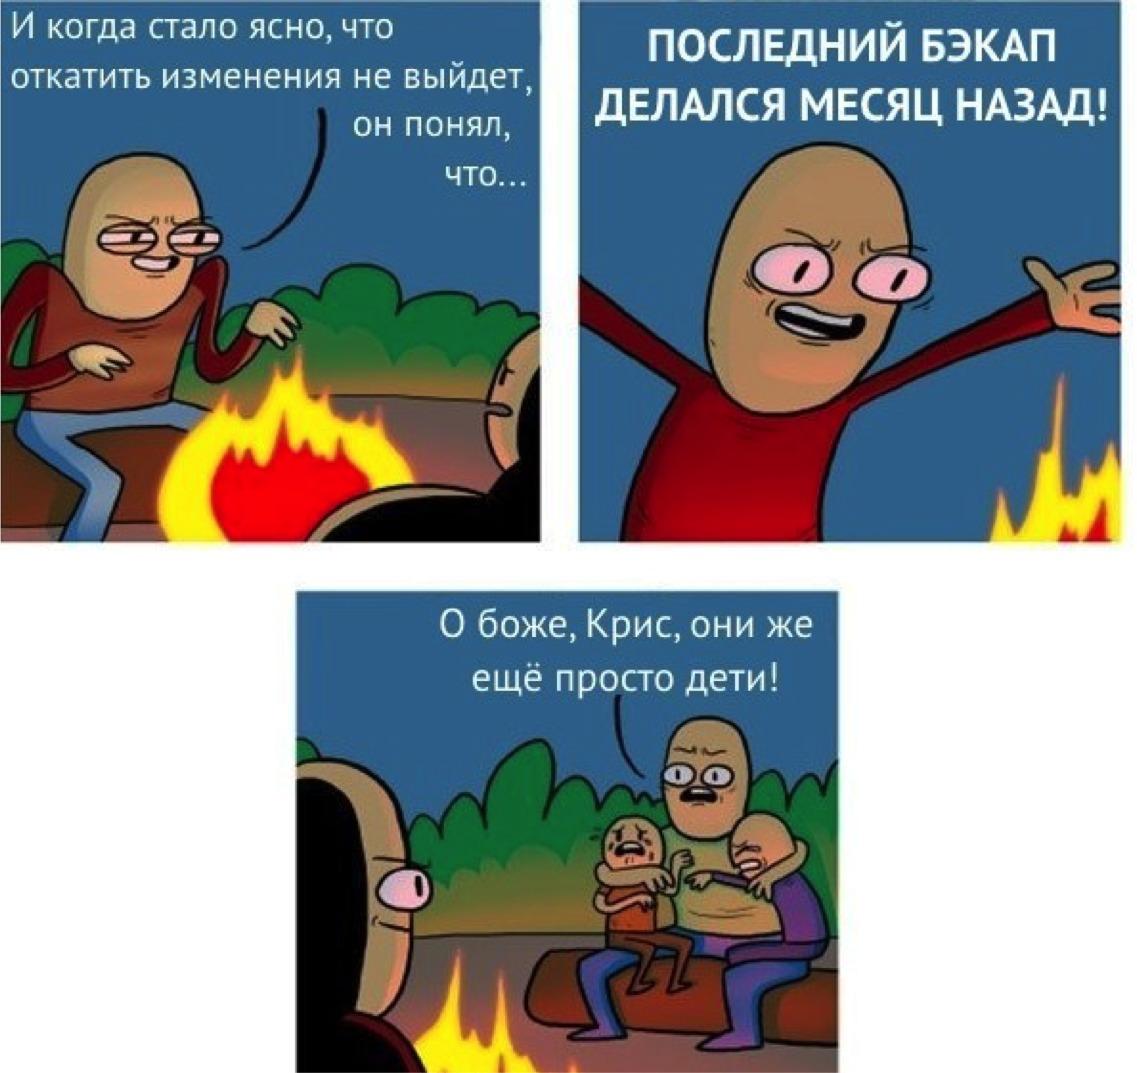 Мамки порно первый ... - sex-raskaz.ru